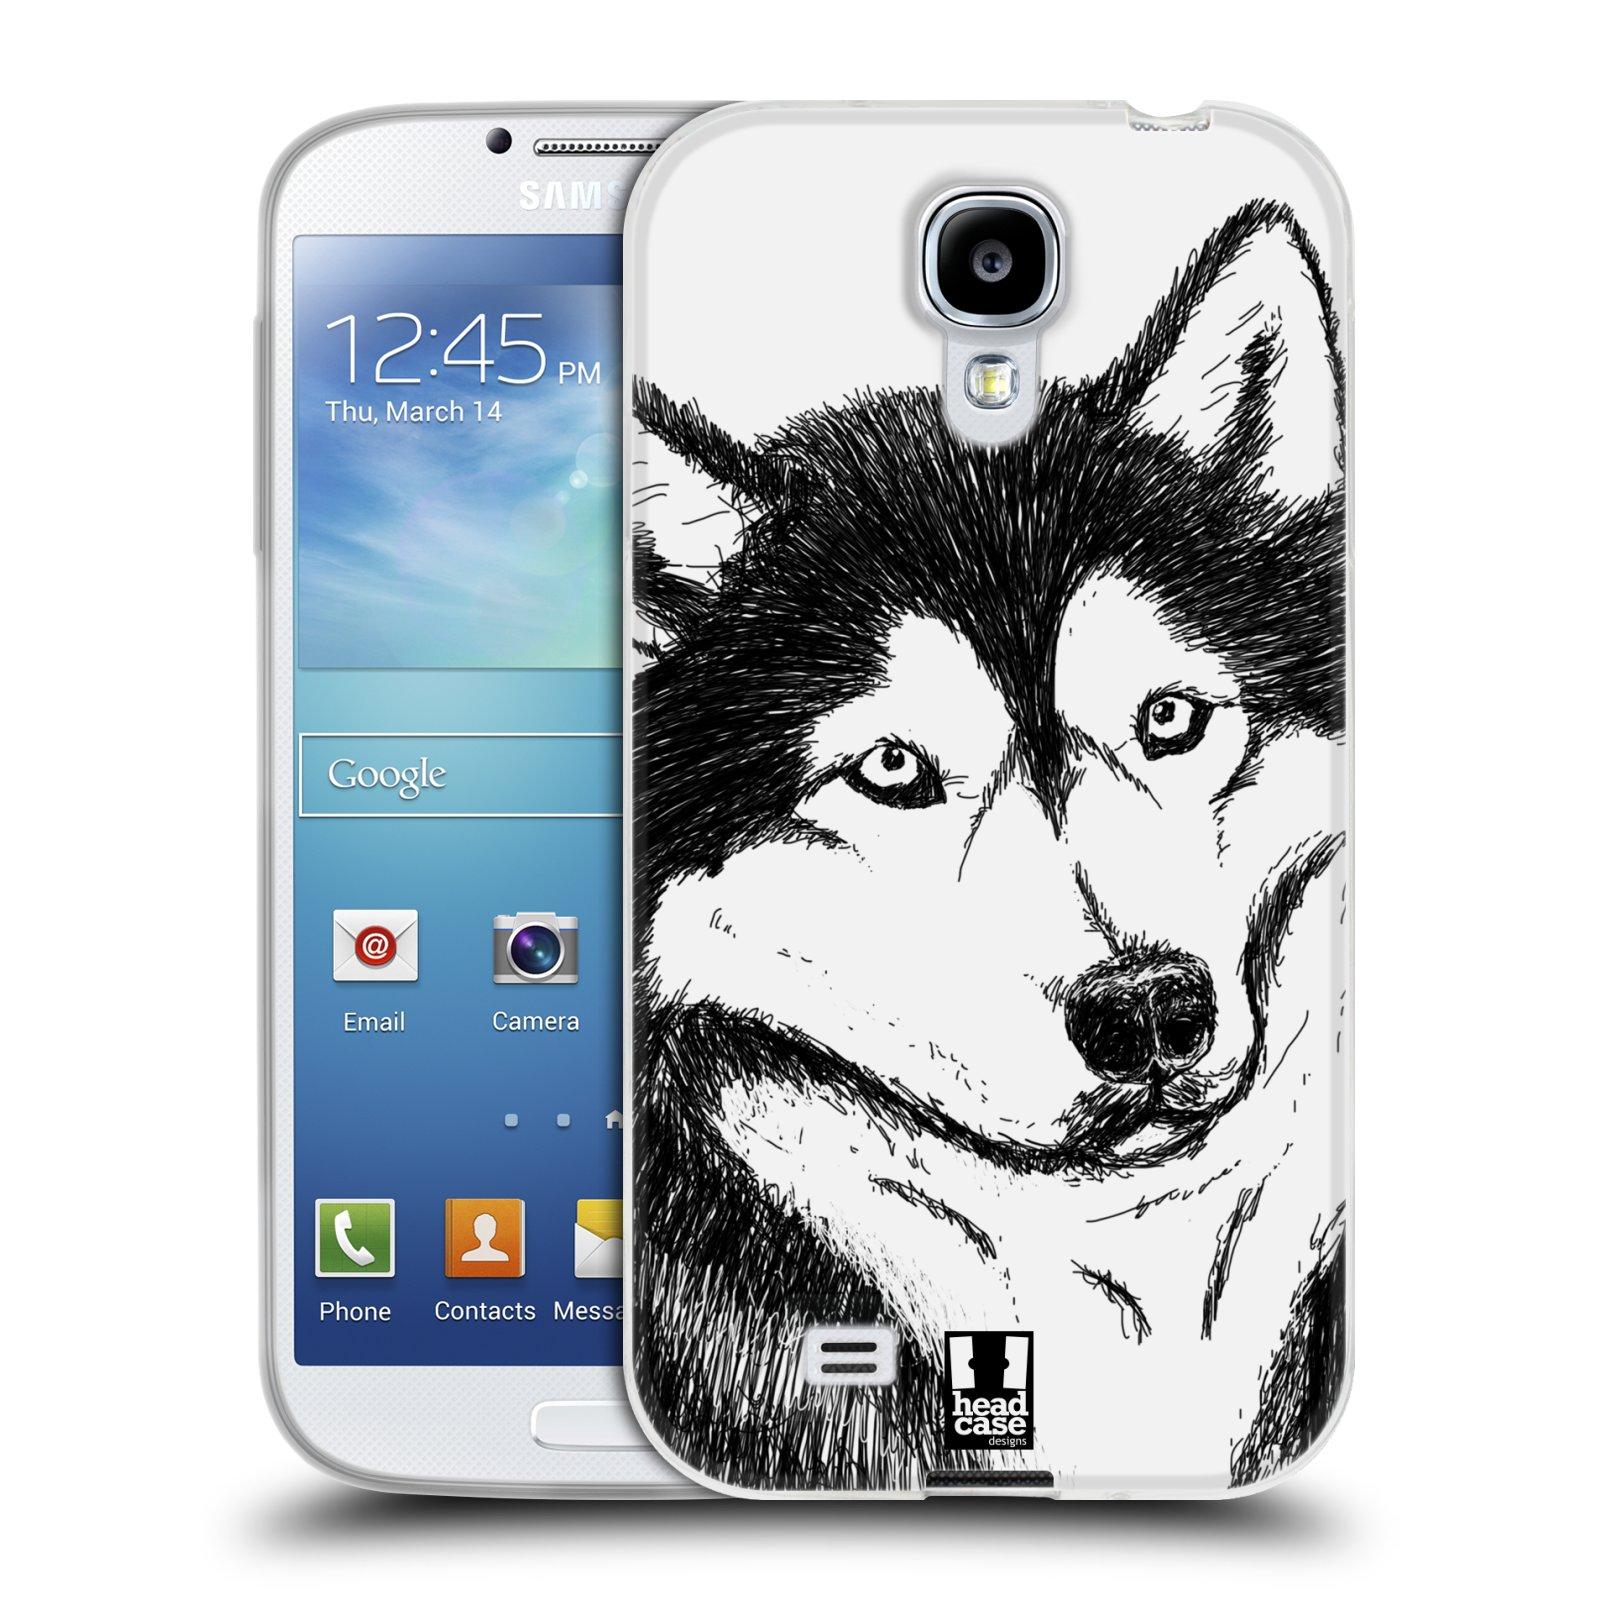 HEAD CASE silikonový obal na mobil Samsung Galaxy S4 i9500 vzor Kreslená zvířátka černá a bílá pes husky